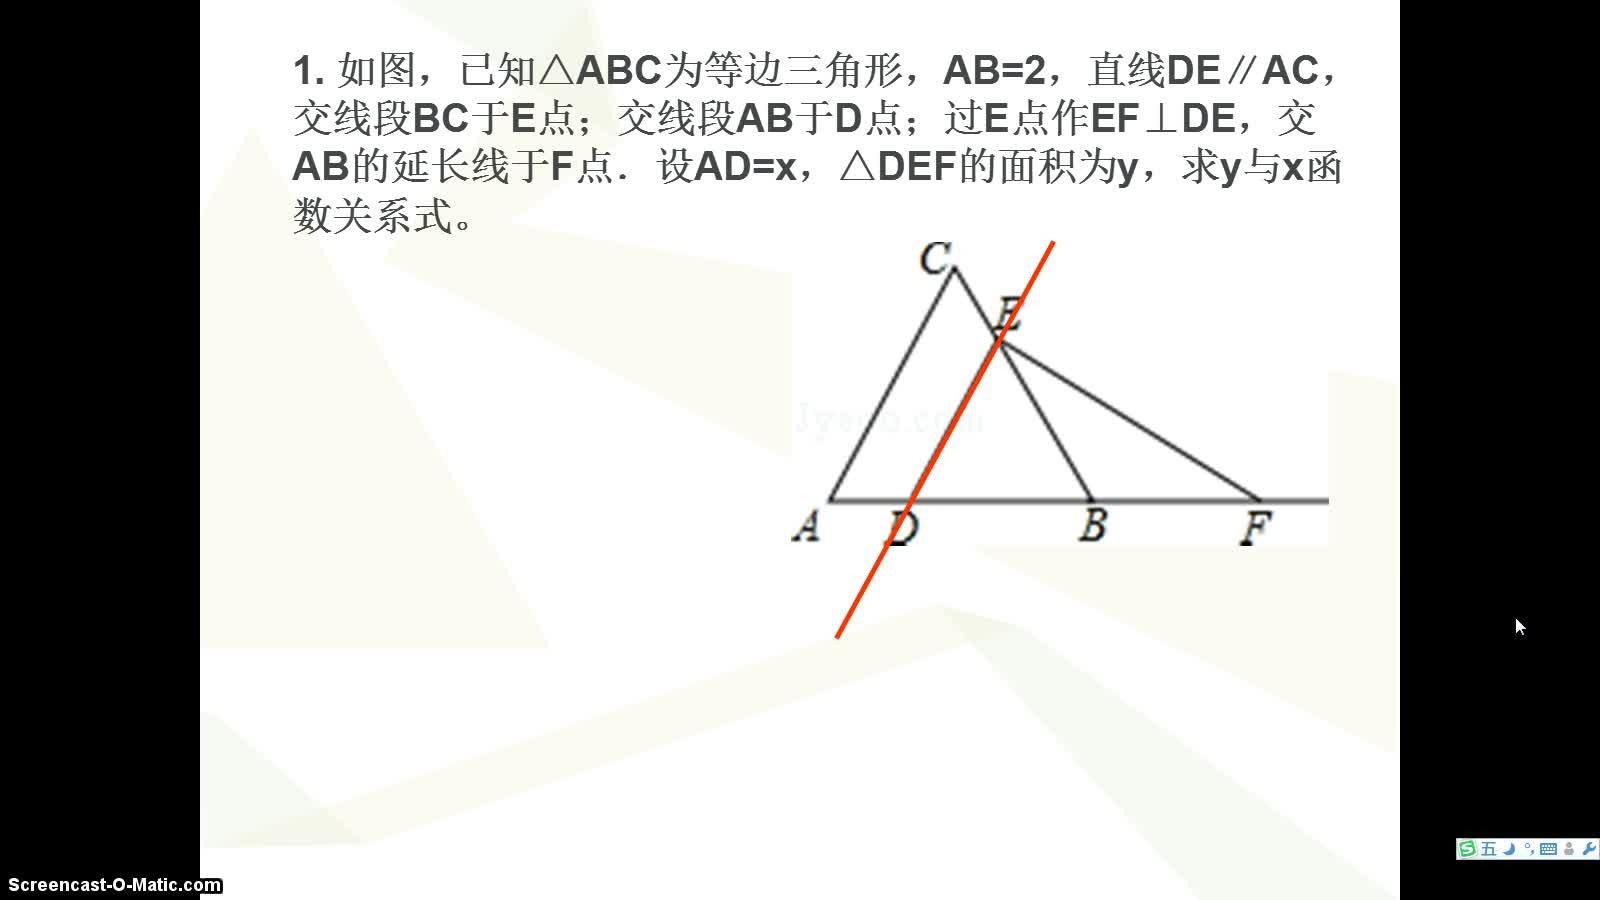 人教版数学九年级(中考)综合题中的动线问题-微课堂